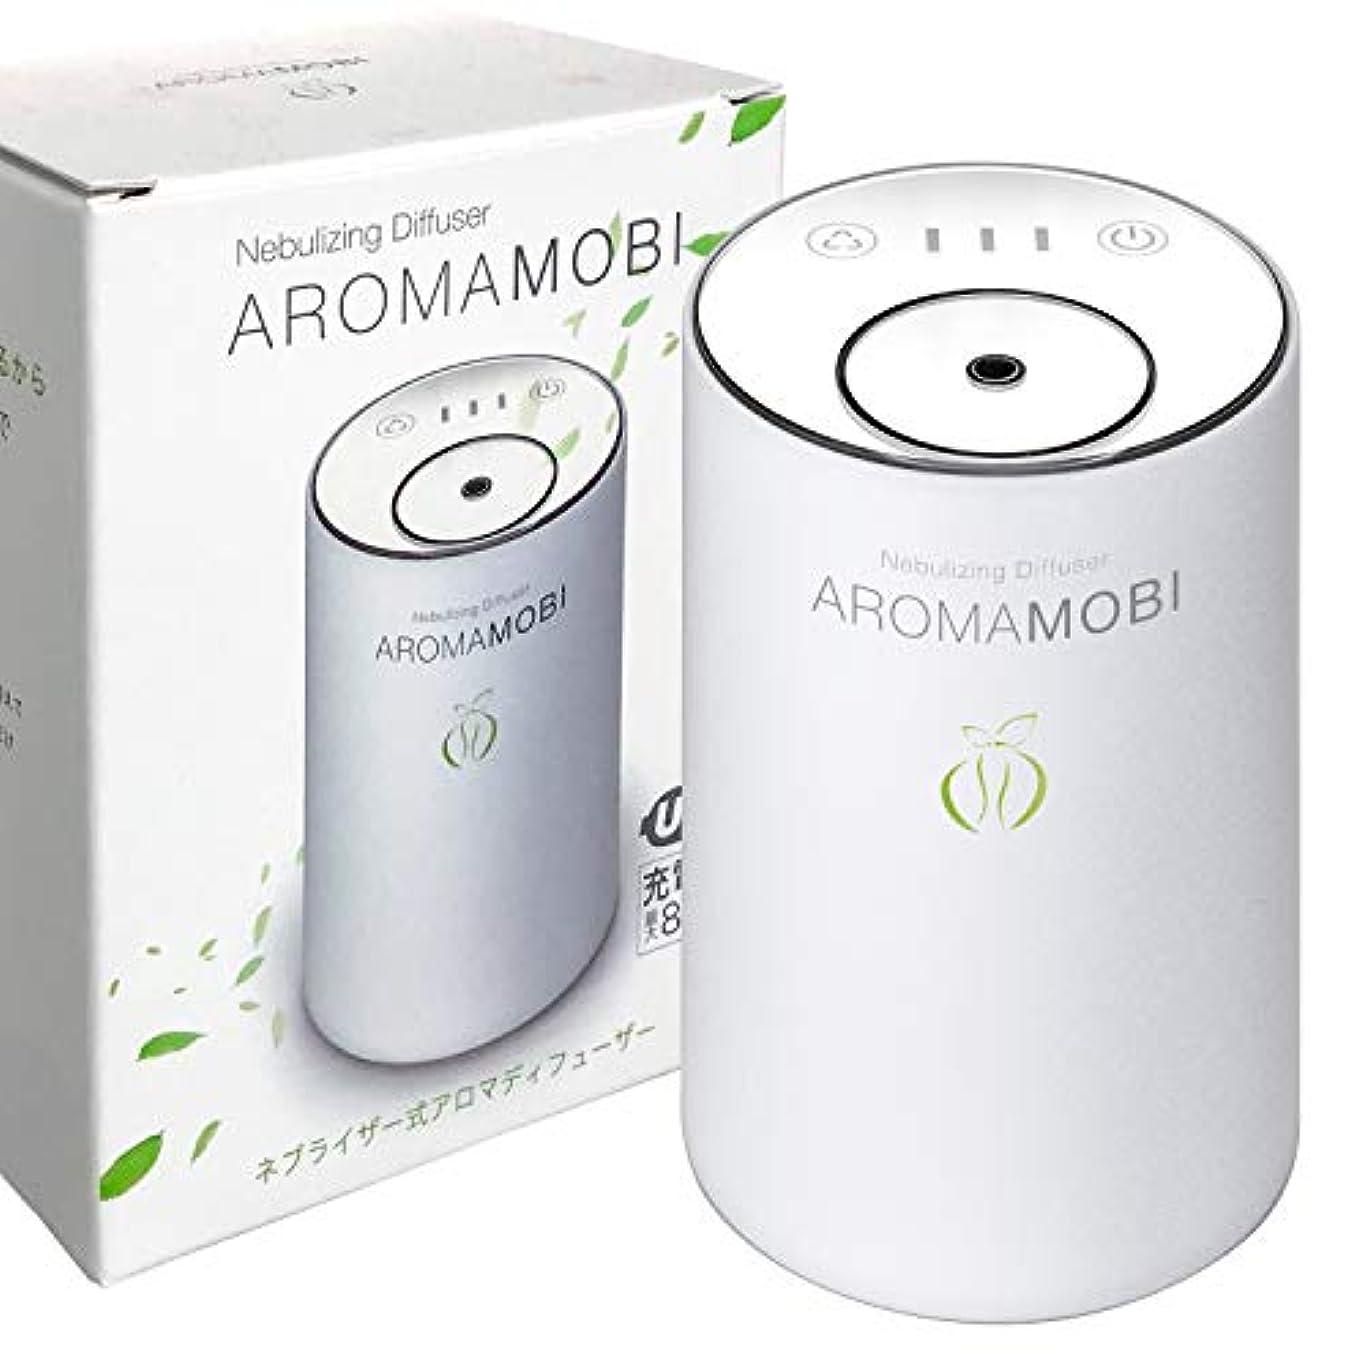 空中負担再集計funks AROMA MOBI 充電式 アロマディフューザー ネブライザー式 ホワイト